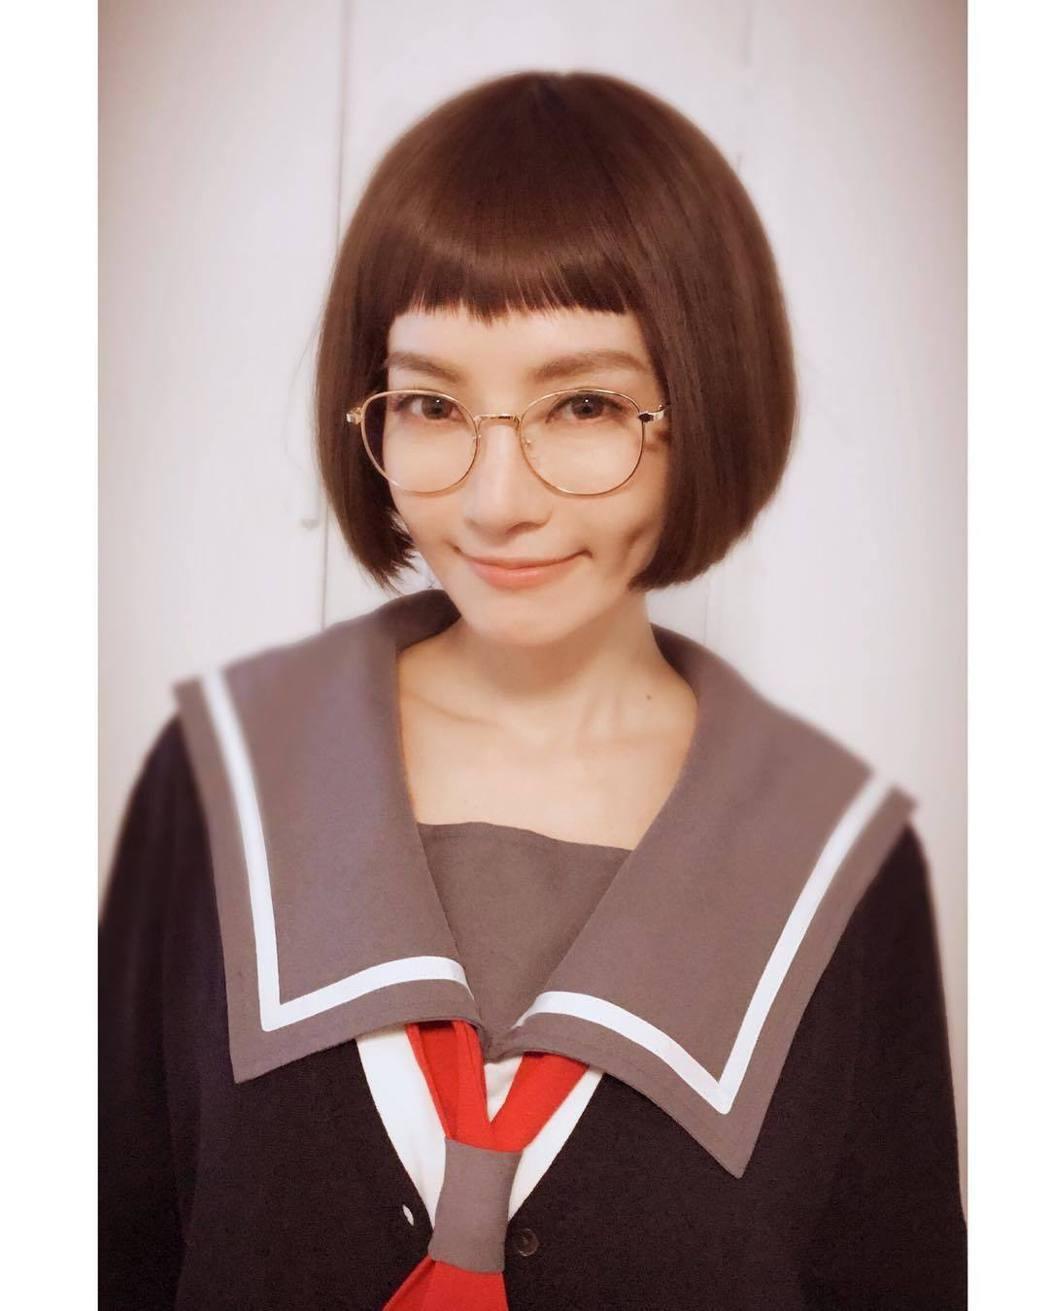 圖/擷自謝金燕臉書